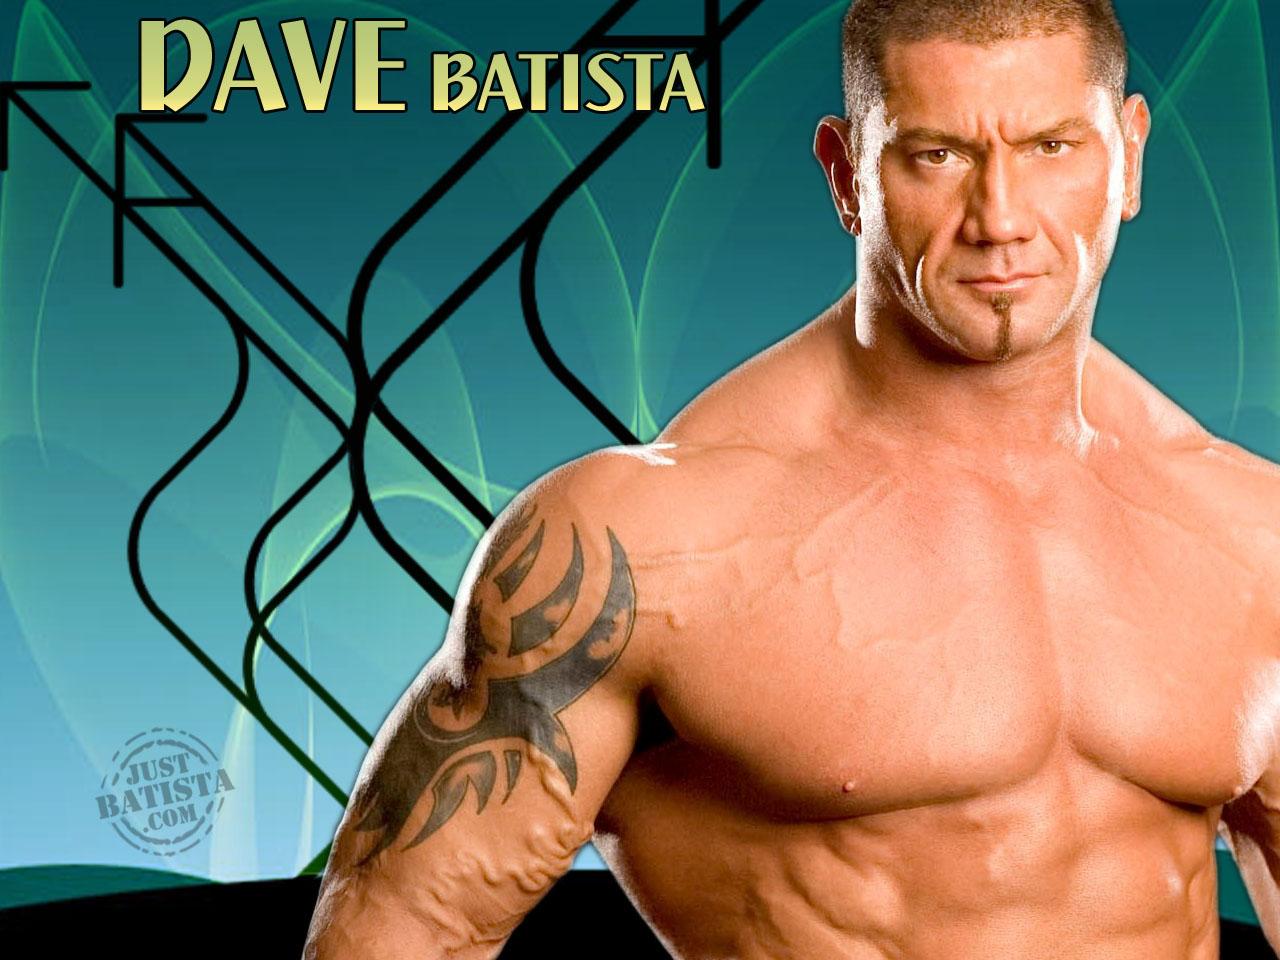 http://2.bp.blogspot.com/-9m-SGDWYNmg/Tjhqho452BI/AAAAAAAAAkk/AYC7e4GcTus/s1600/Batista-Wallpaper-5.jpg